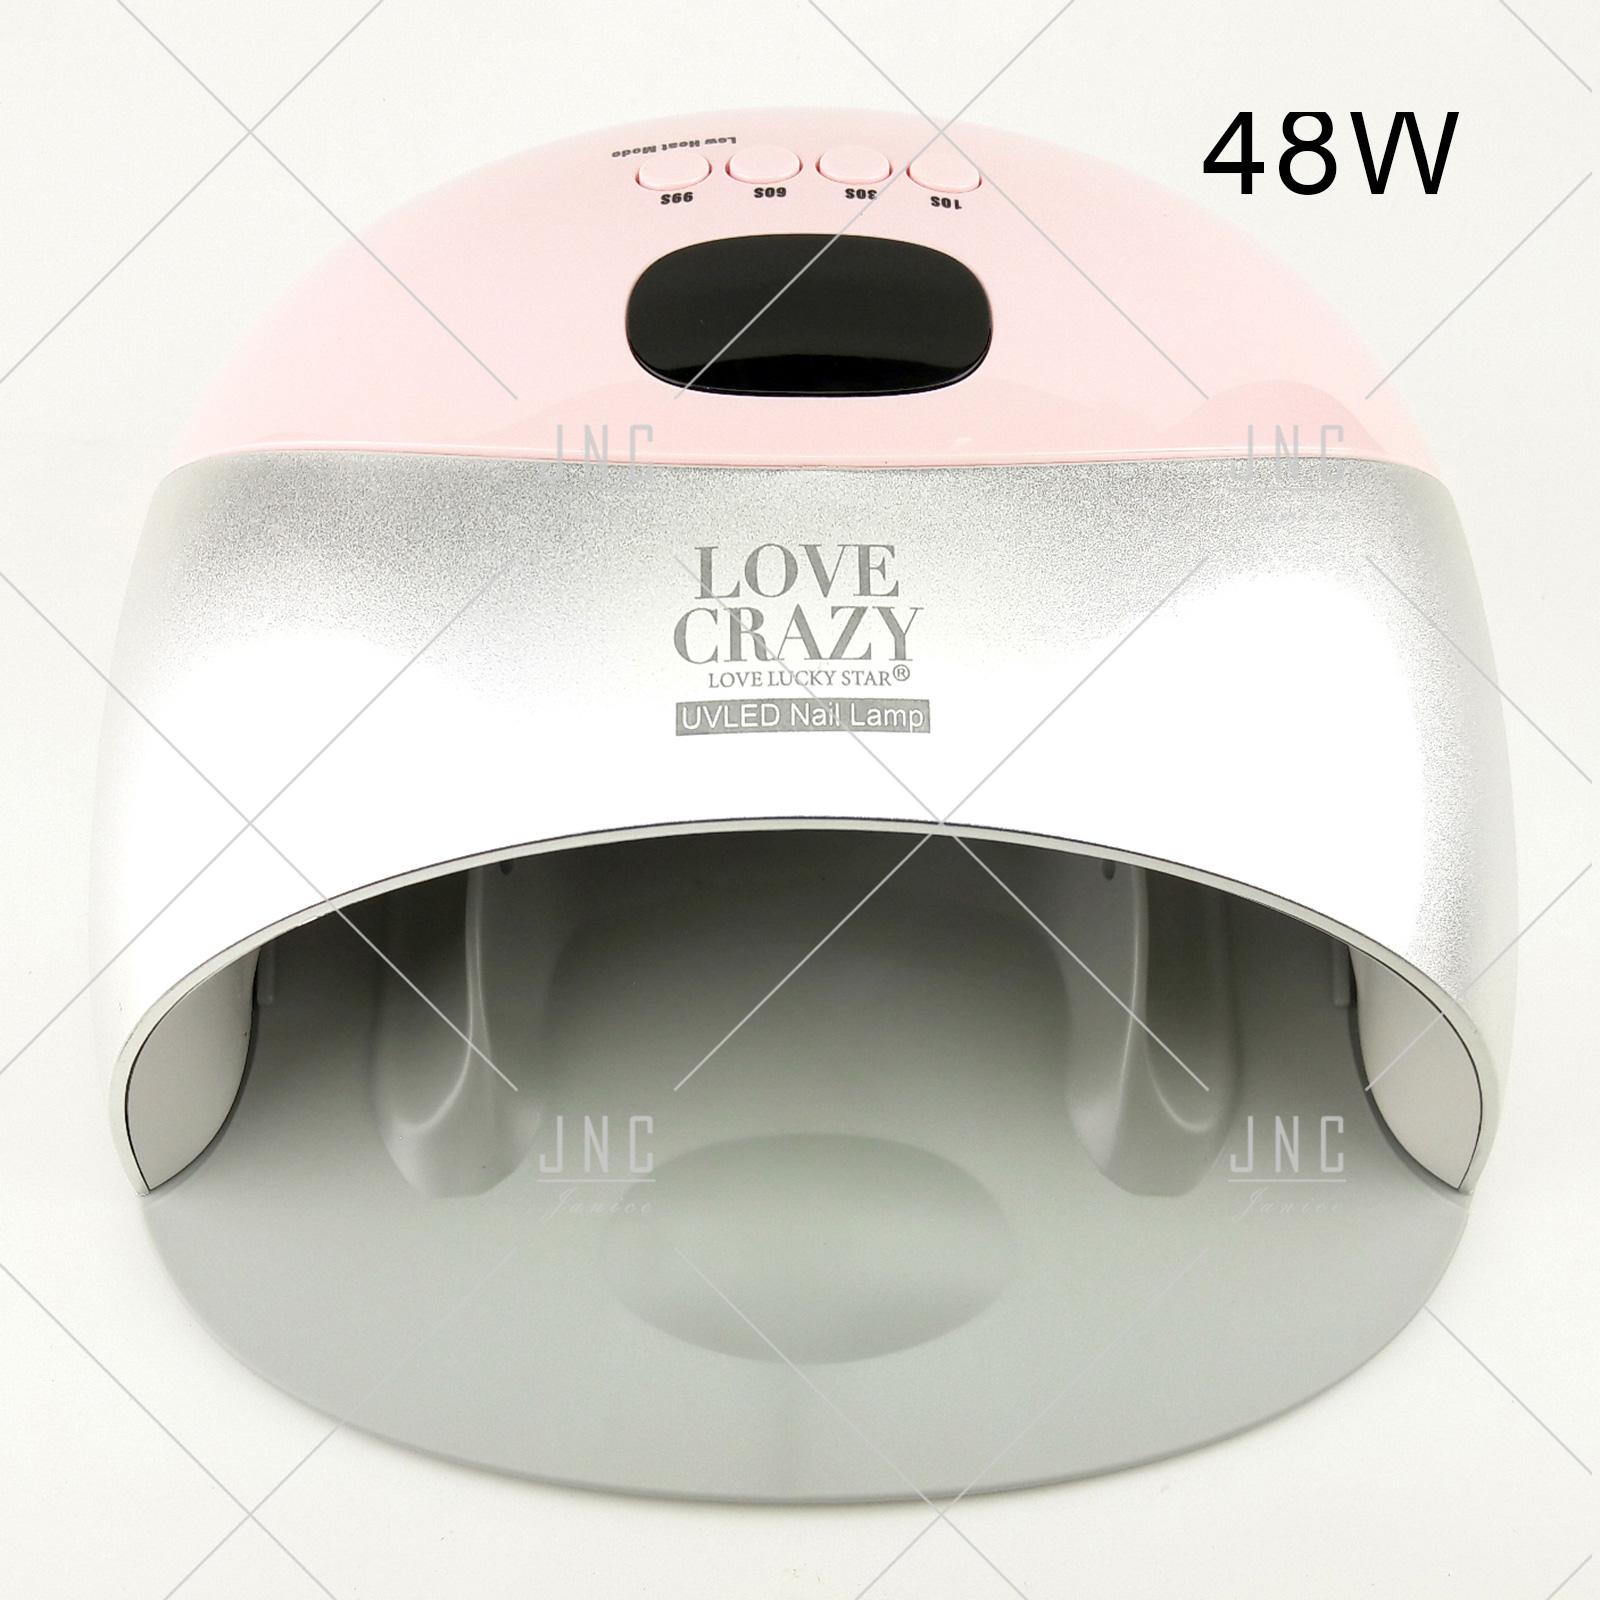 Catalisador LED UV 48W | LOVE CRAZY | N11